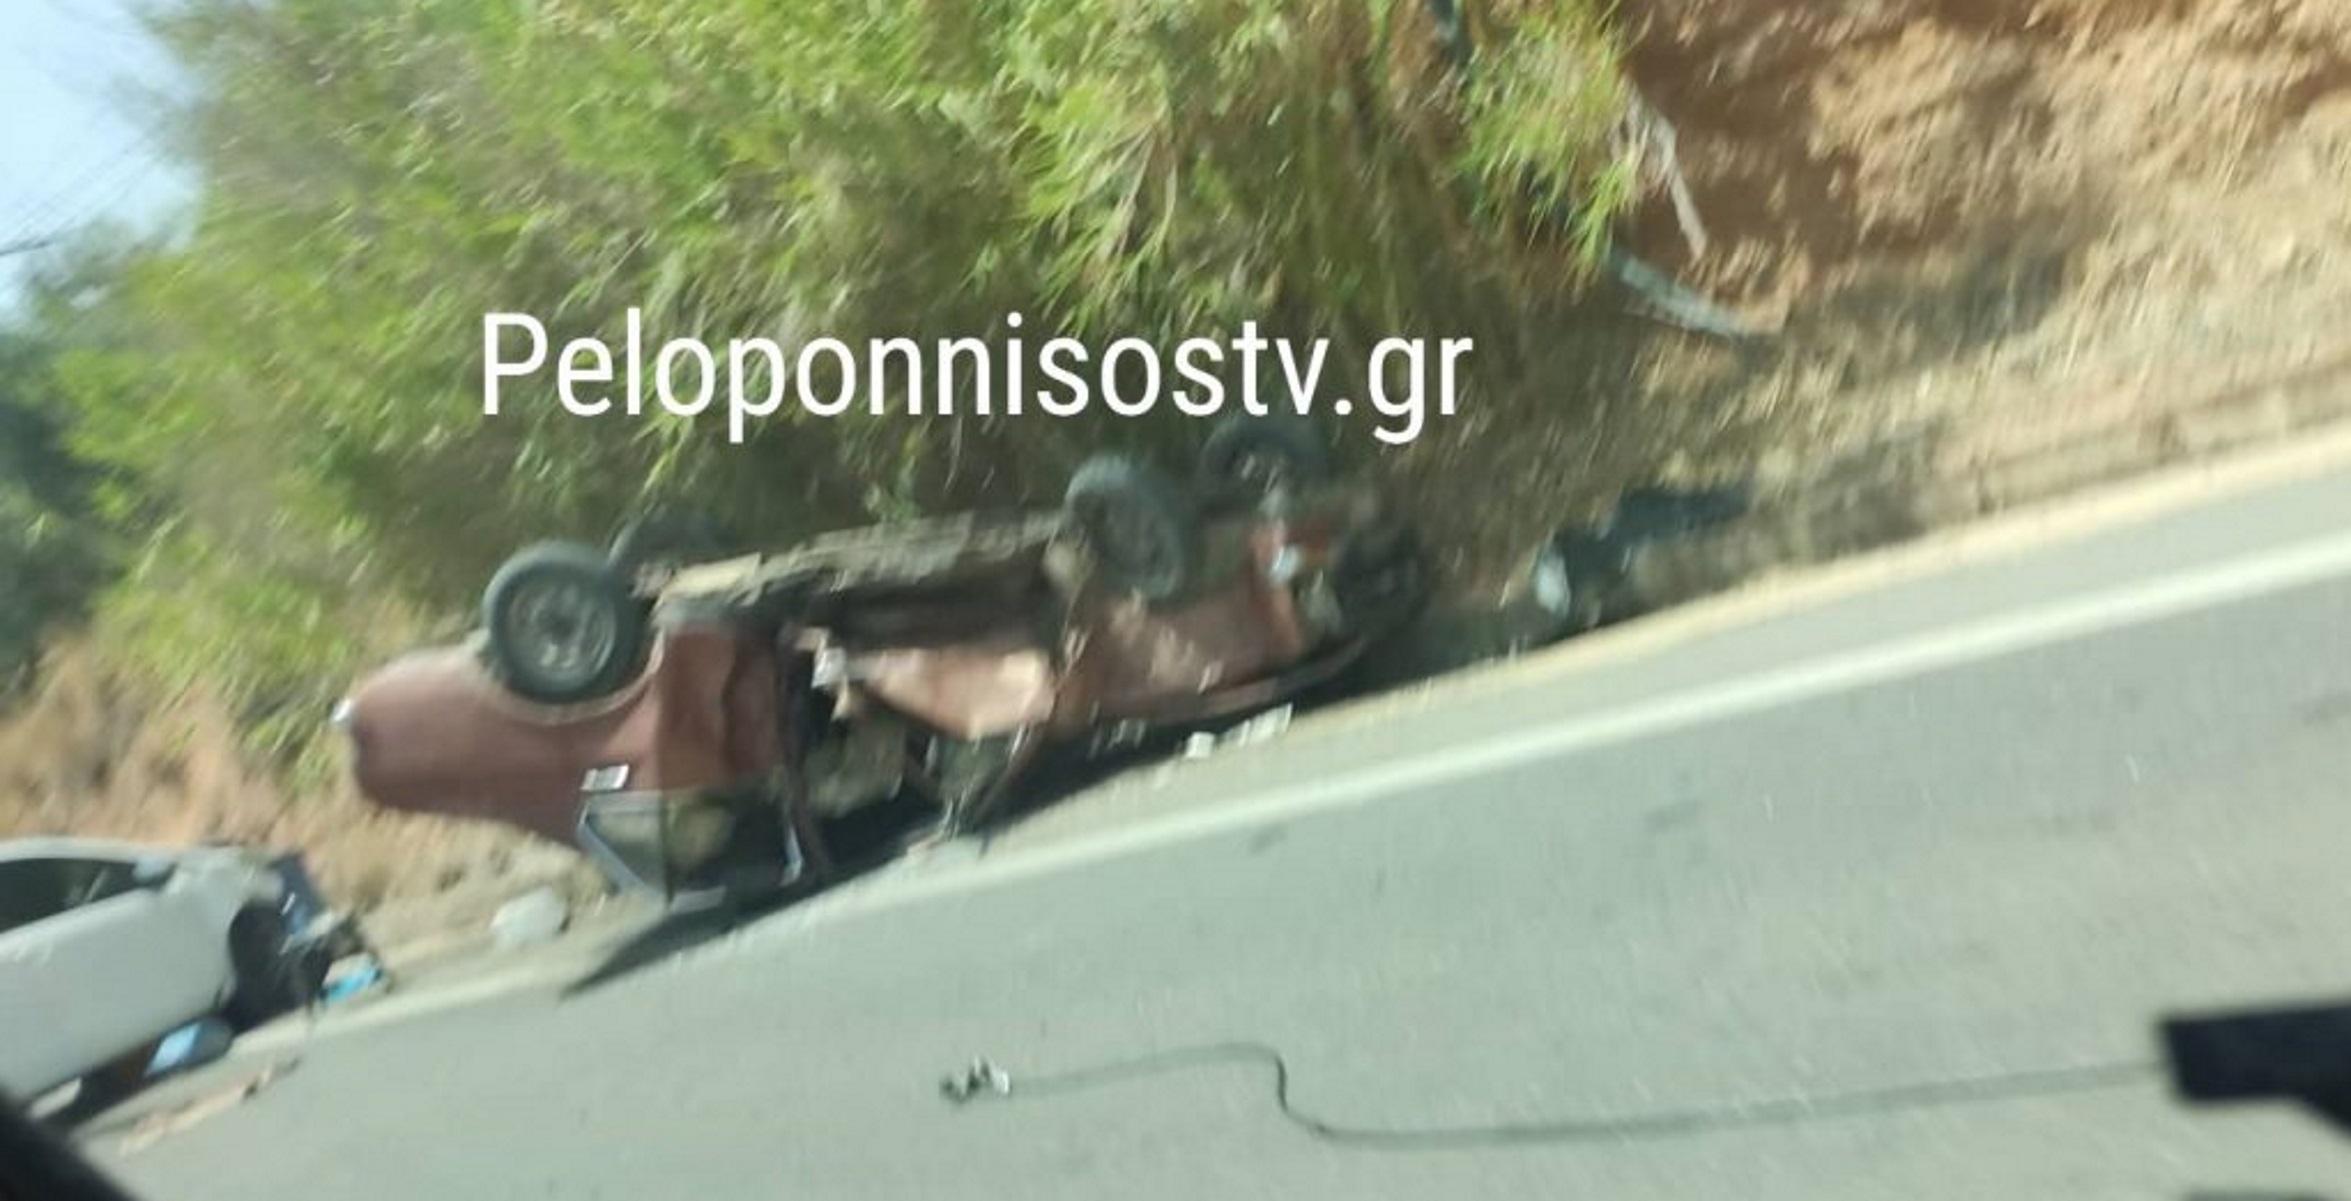 Σοκαριστικό τροχαίο στη Λακωνία: Αναποδογύρισε ΙΧ μετά από πλαγιομετωπική (pics)